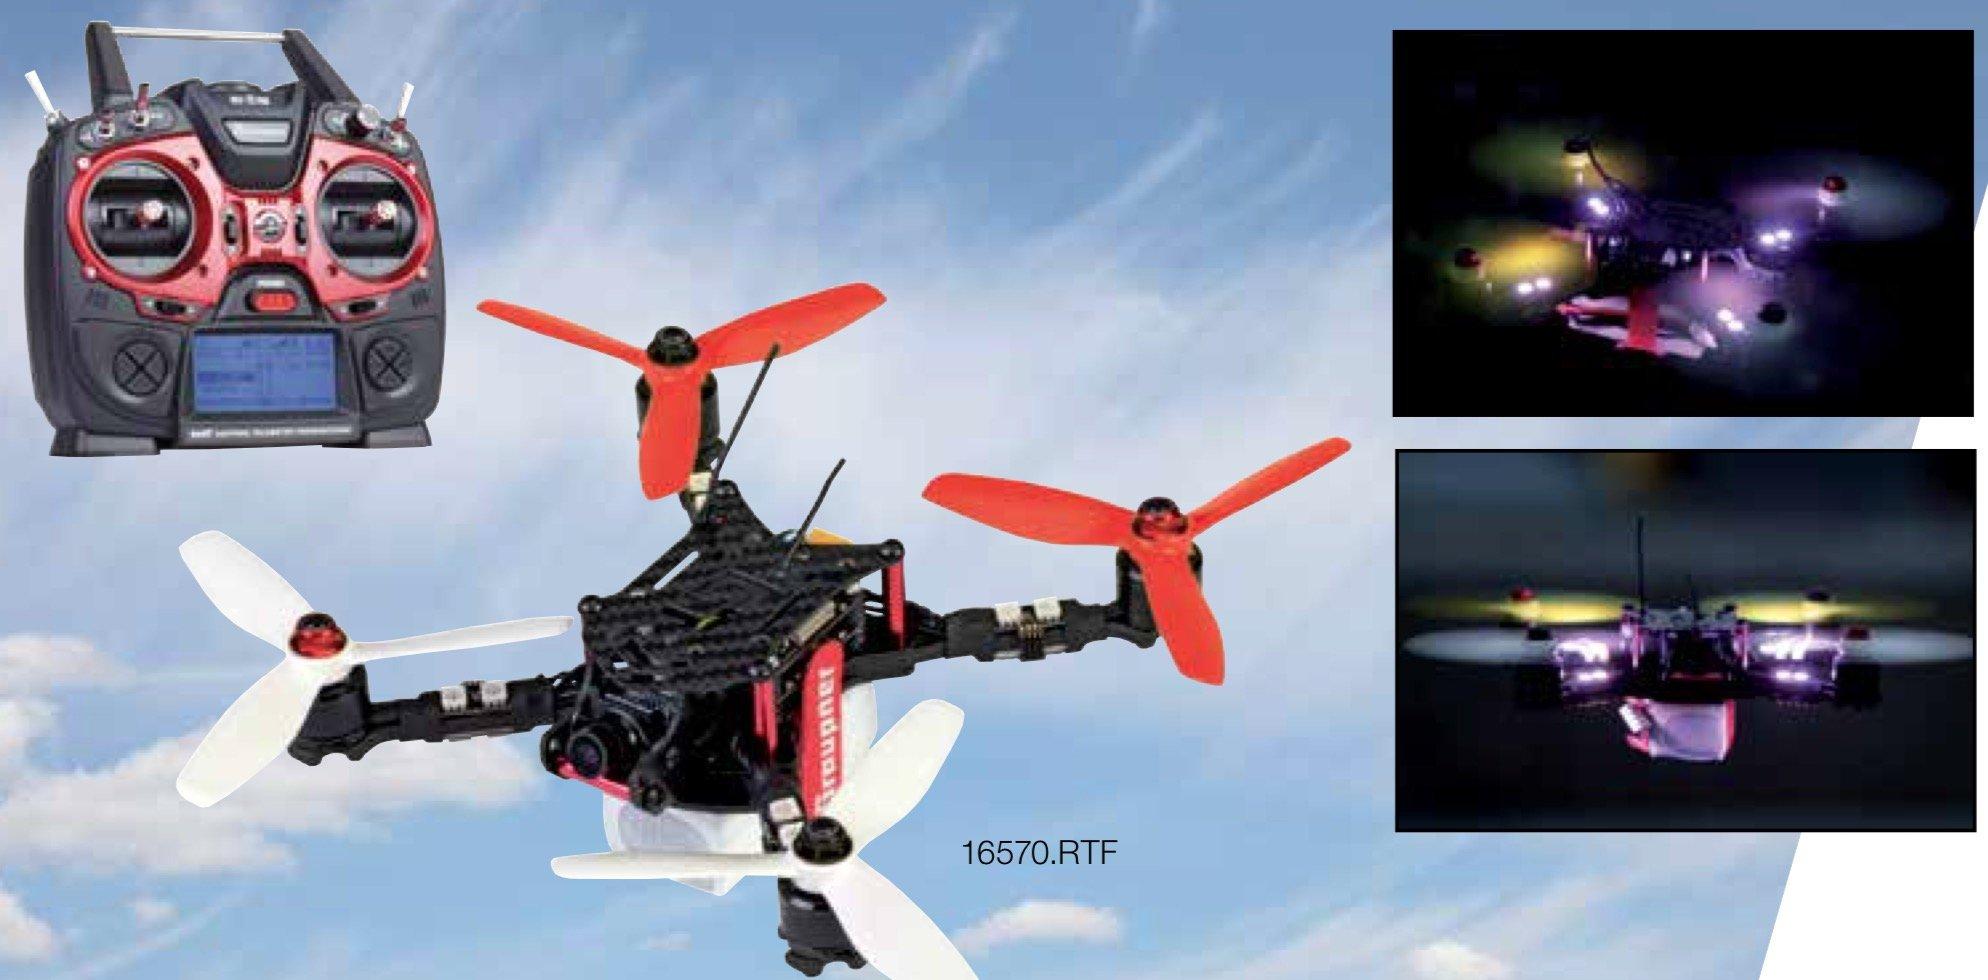 Fantastisch Fpv Quadcopter Schaltplan Galerie - Die Besten ...